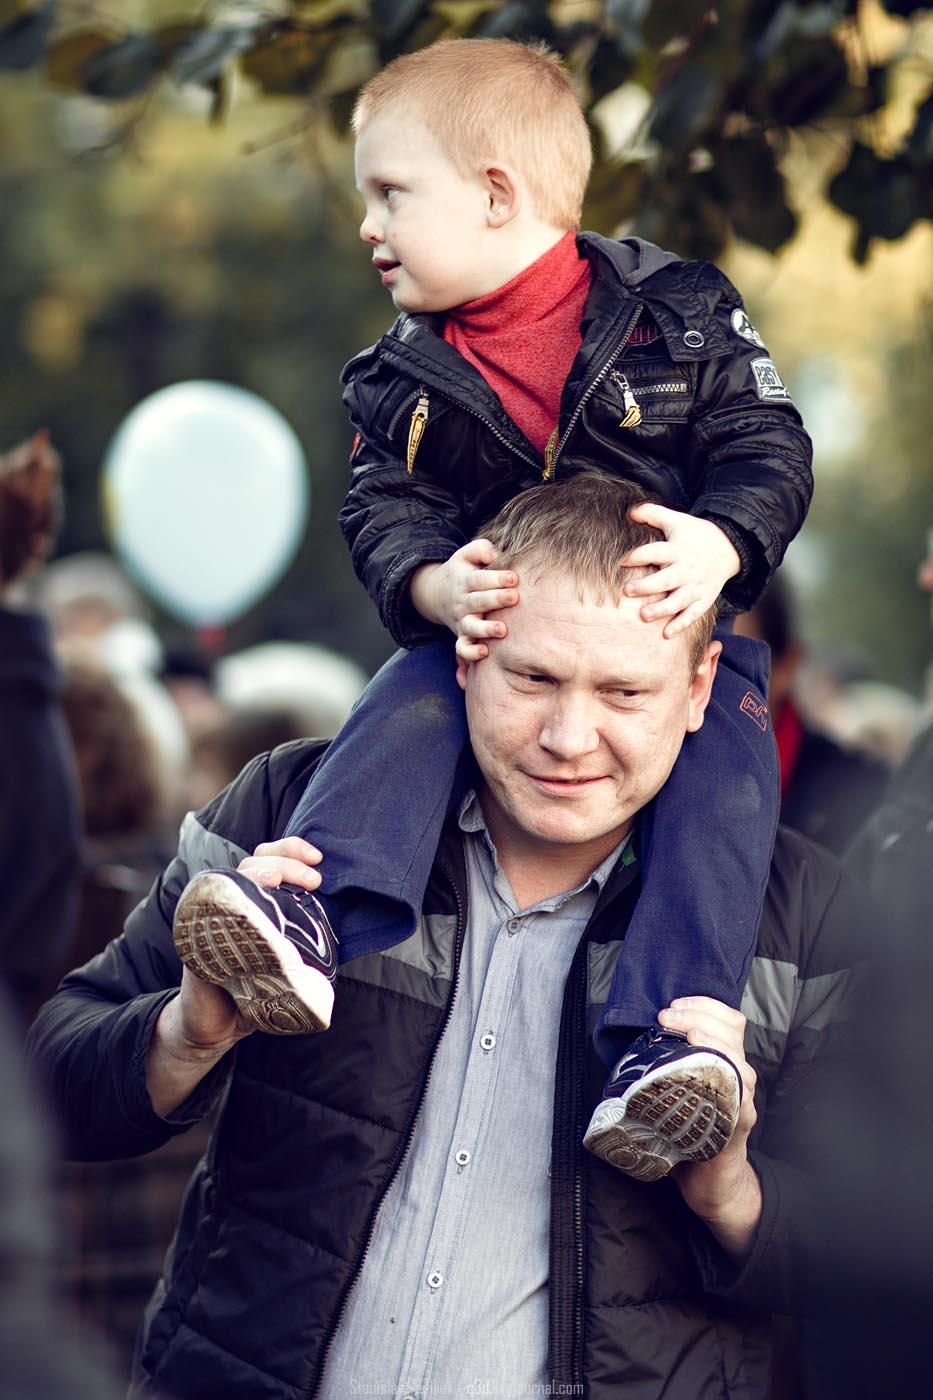 День города - Москва - 2013 - #017